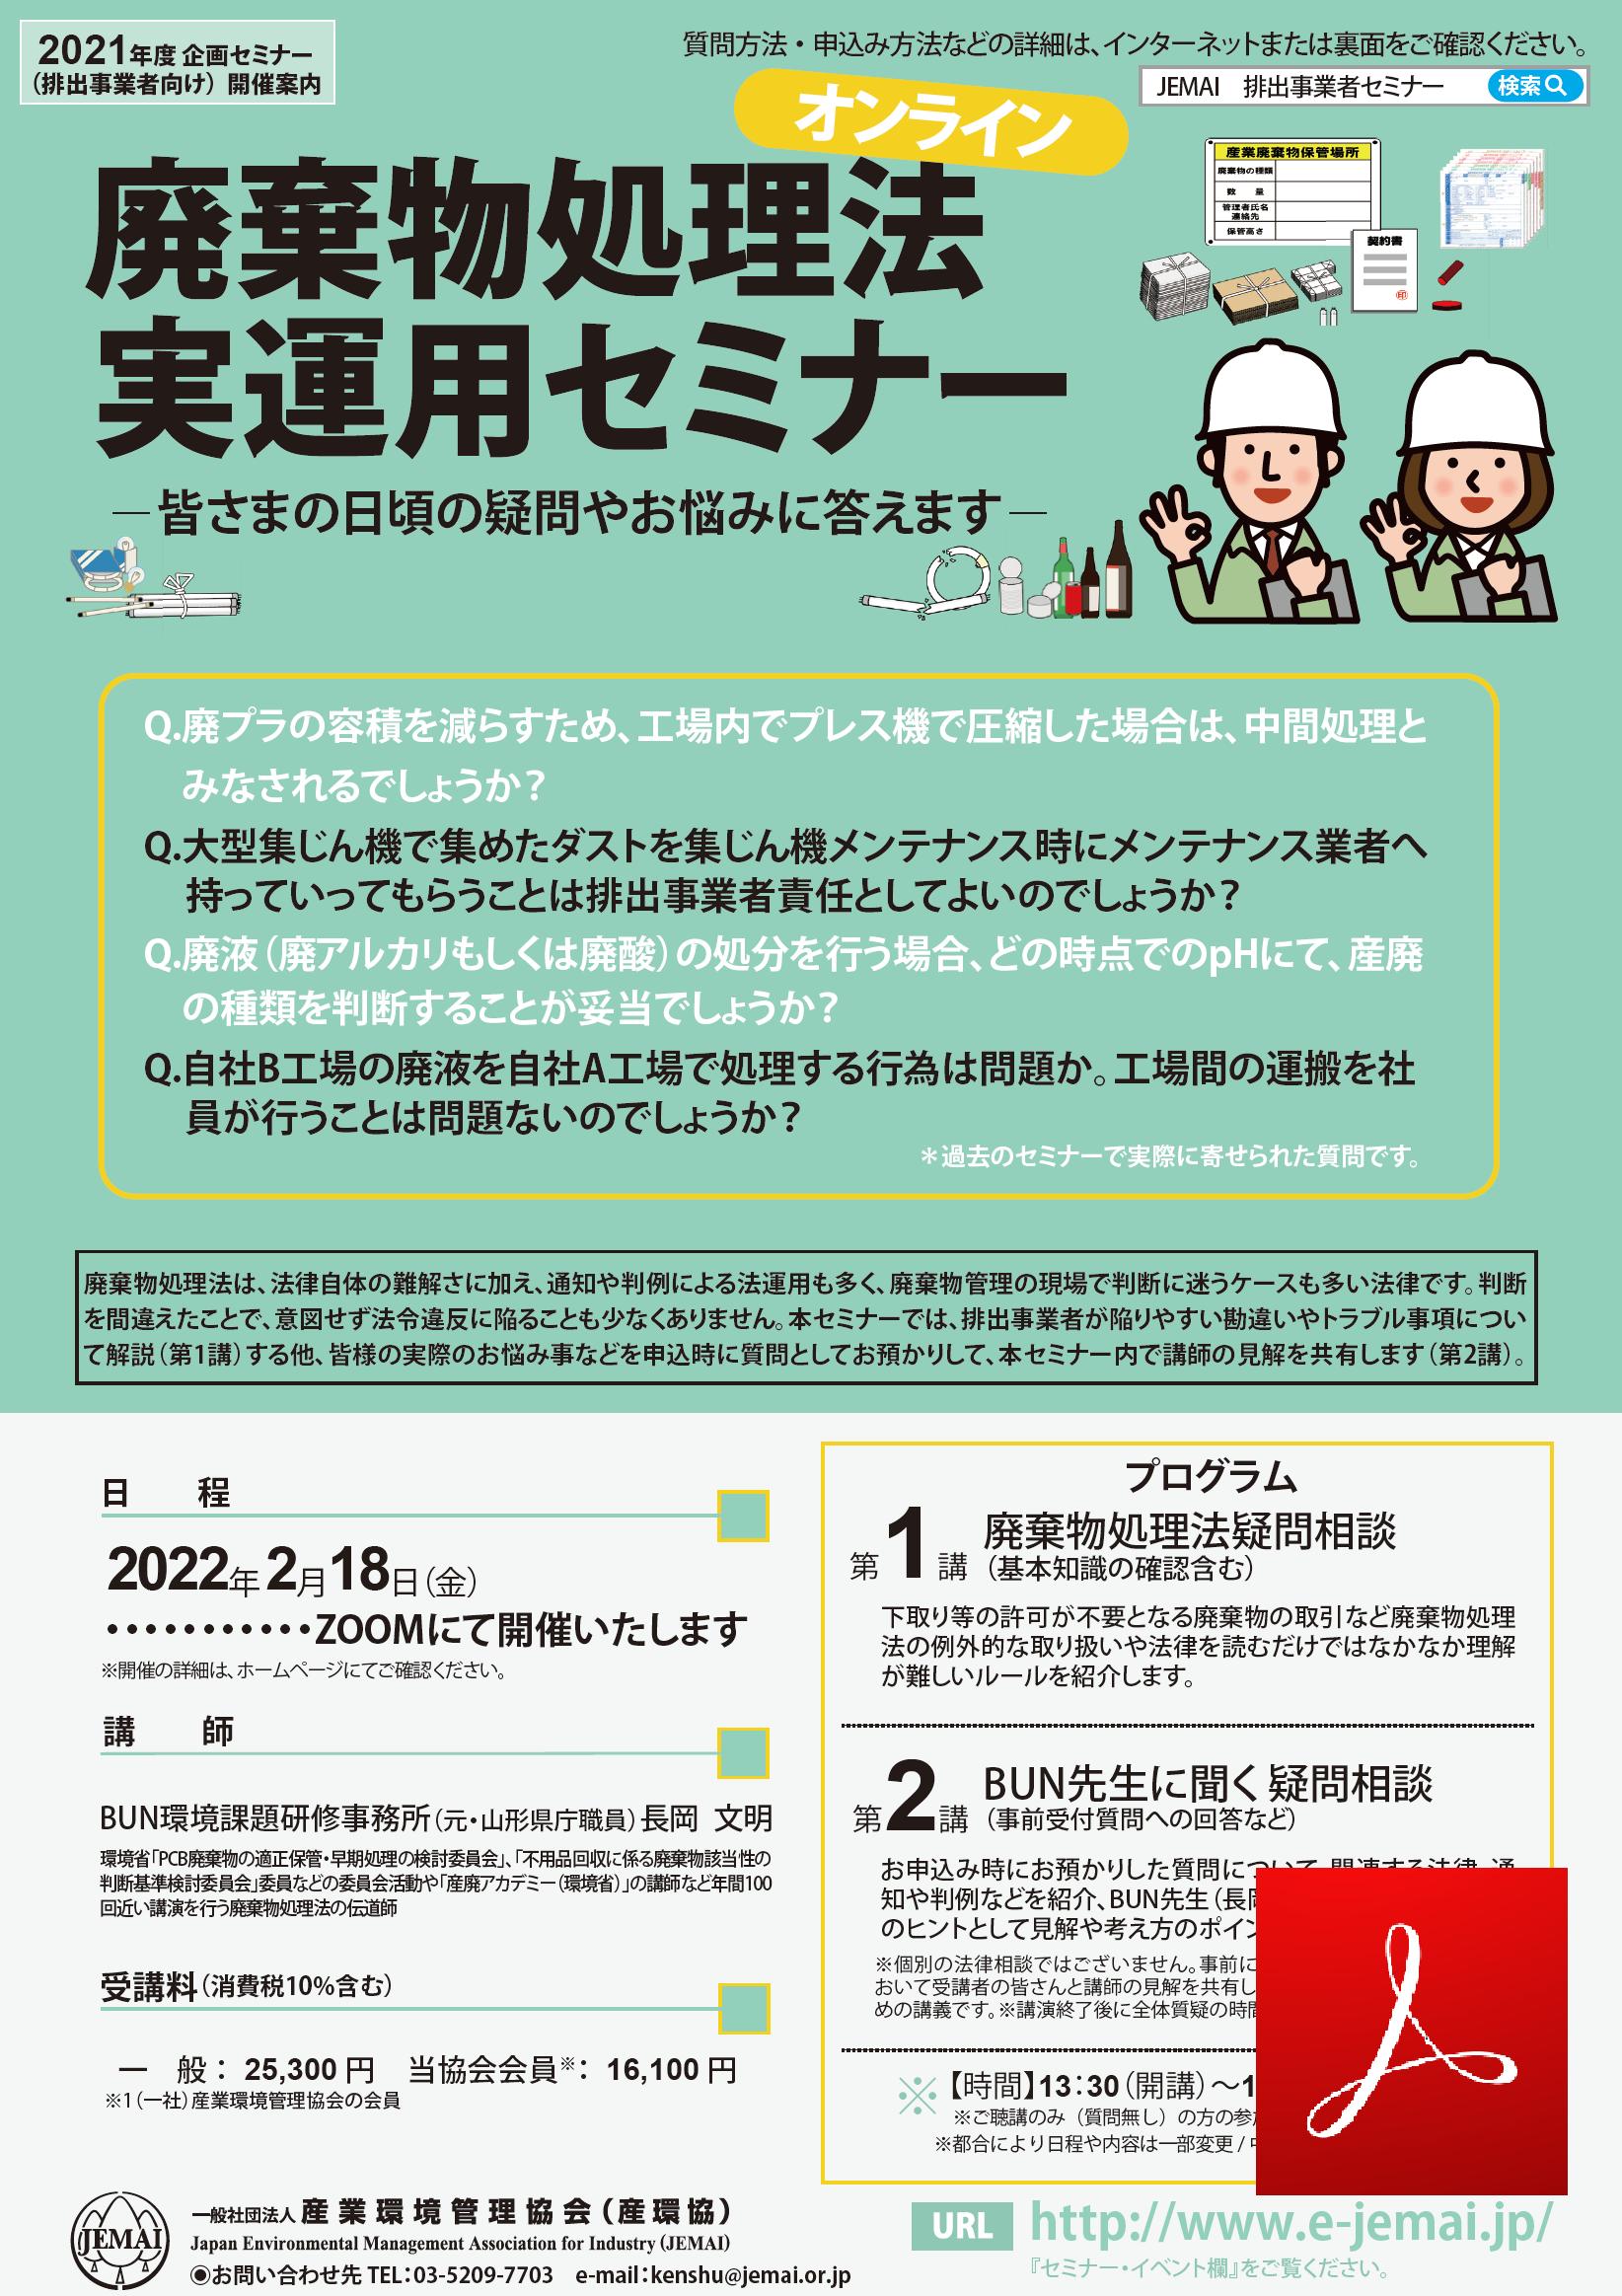 img-panf_haiki-jitsuunyo2021.png